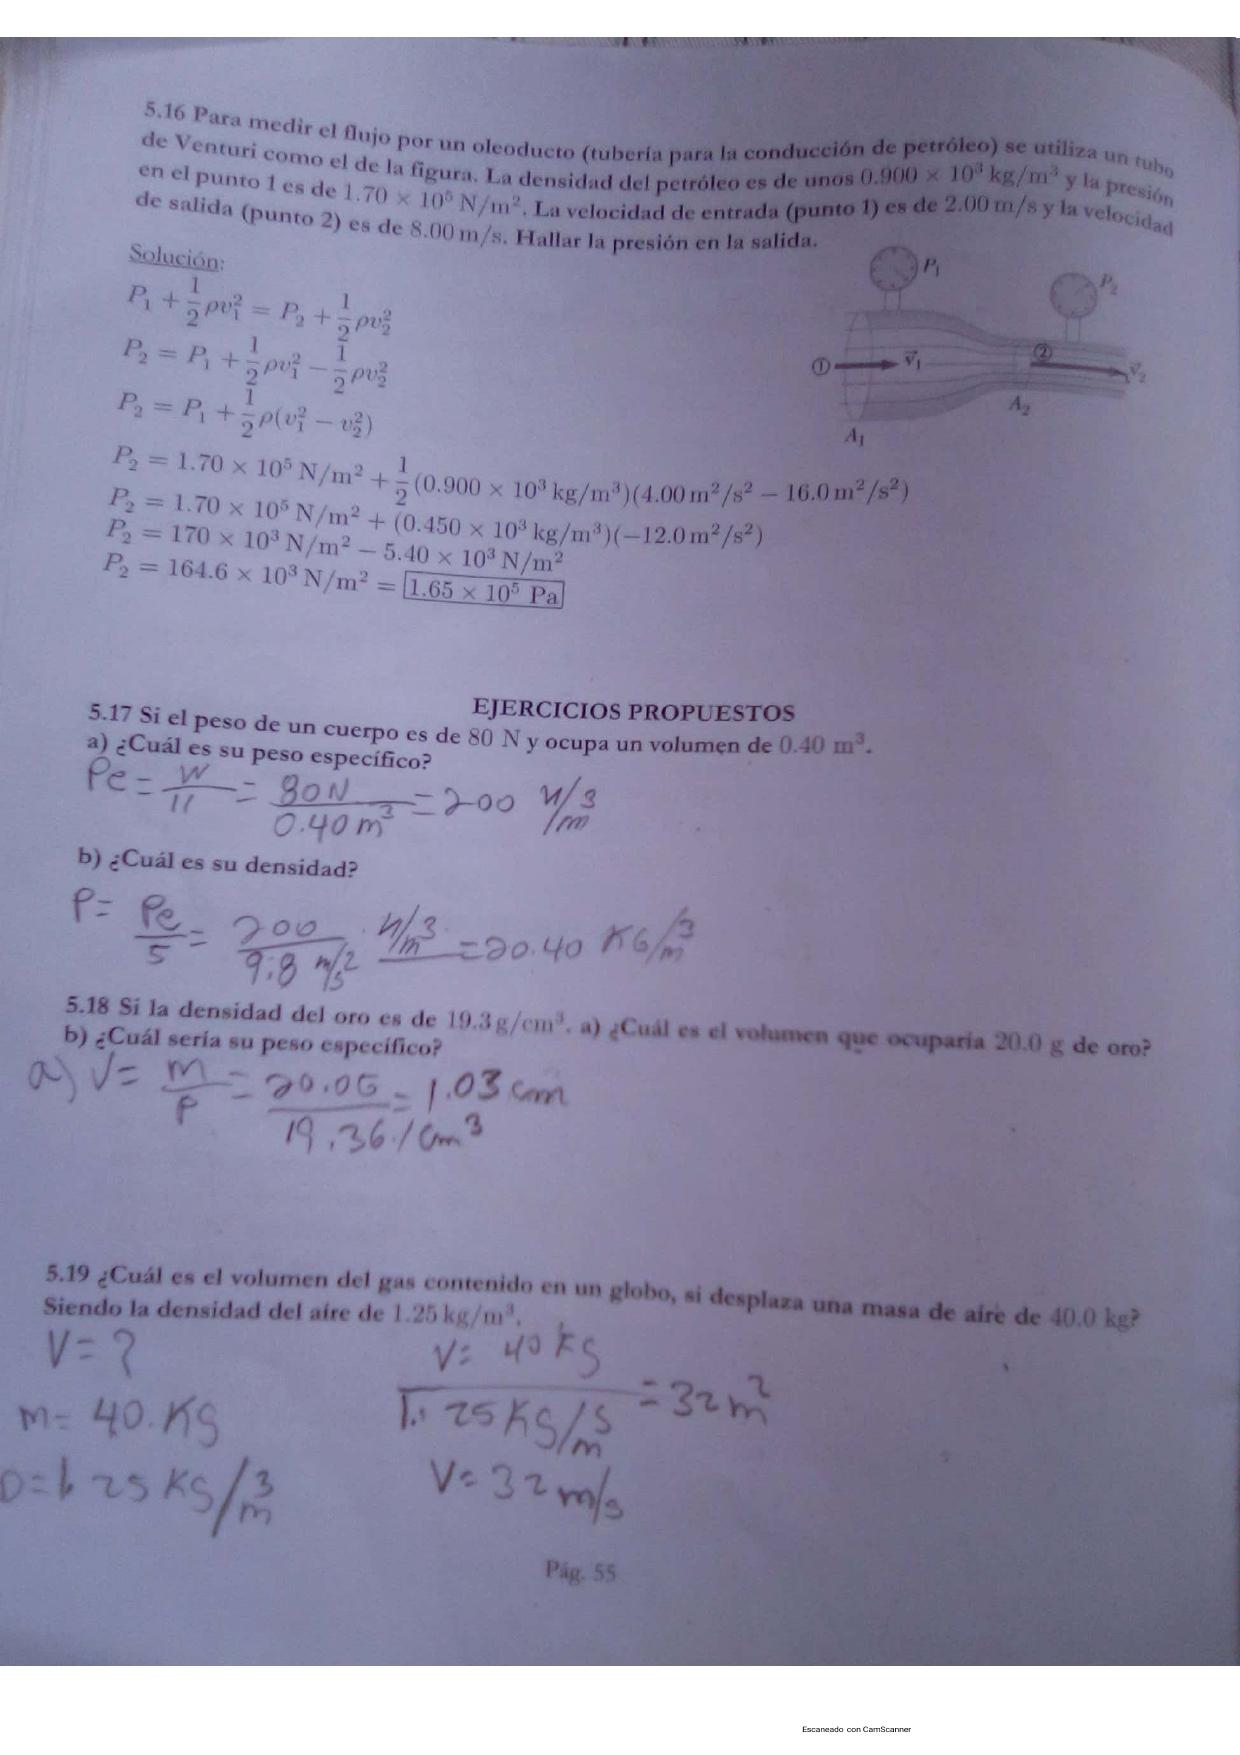 cuaderno-de-trabajo-f-sica-b-sica-page-0055